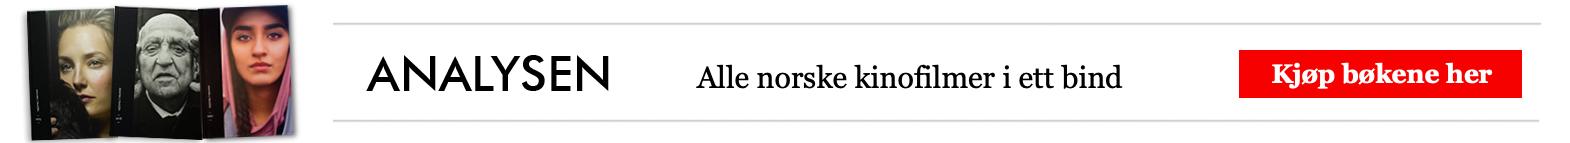 Analysen - Norsk film. Kjæp bøkene! (annonse)